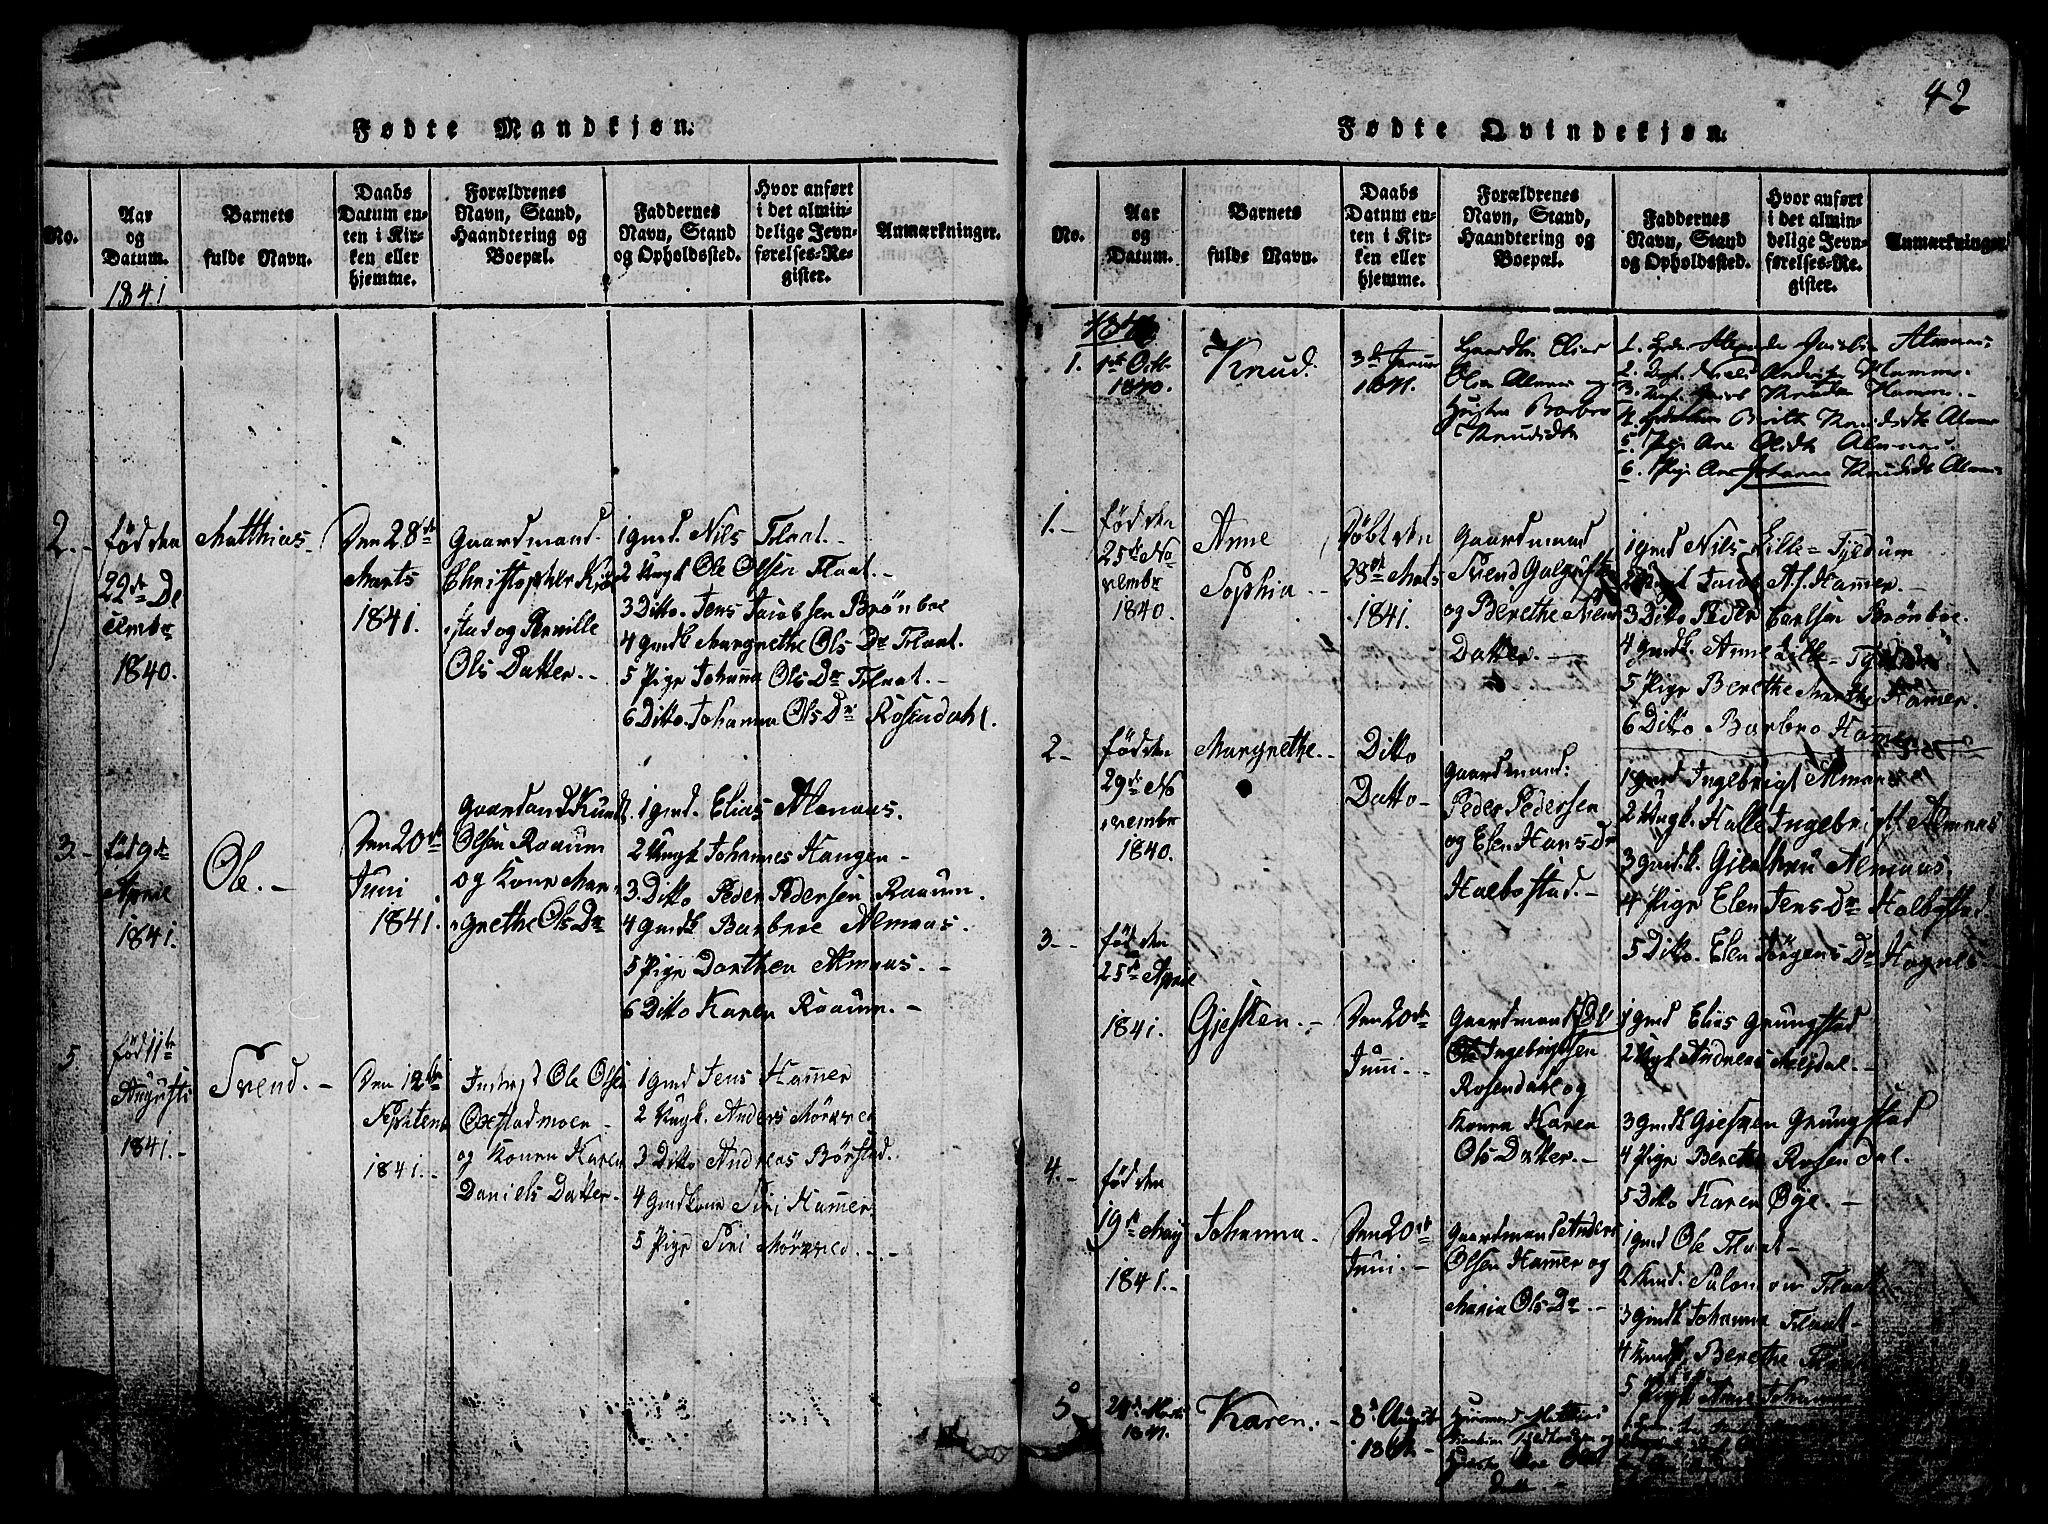 SAT, Ministerialprotokoller, klokkerbøker og fødselsregistre - Nord-Trøndelag, 765/L0562: Klokkerbok nr. 765C01, 1817-1851, s. 42